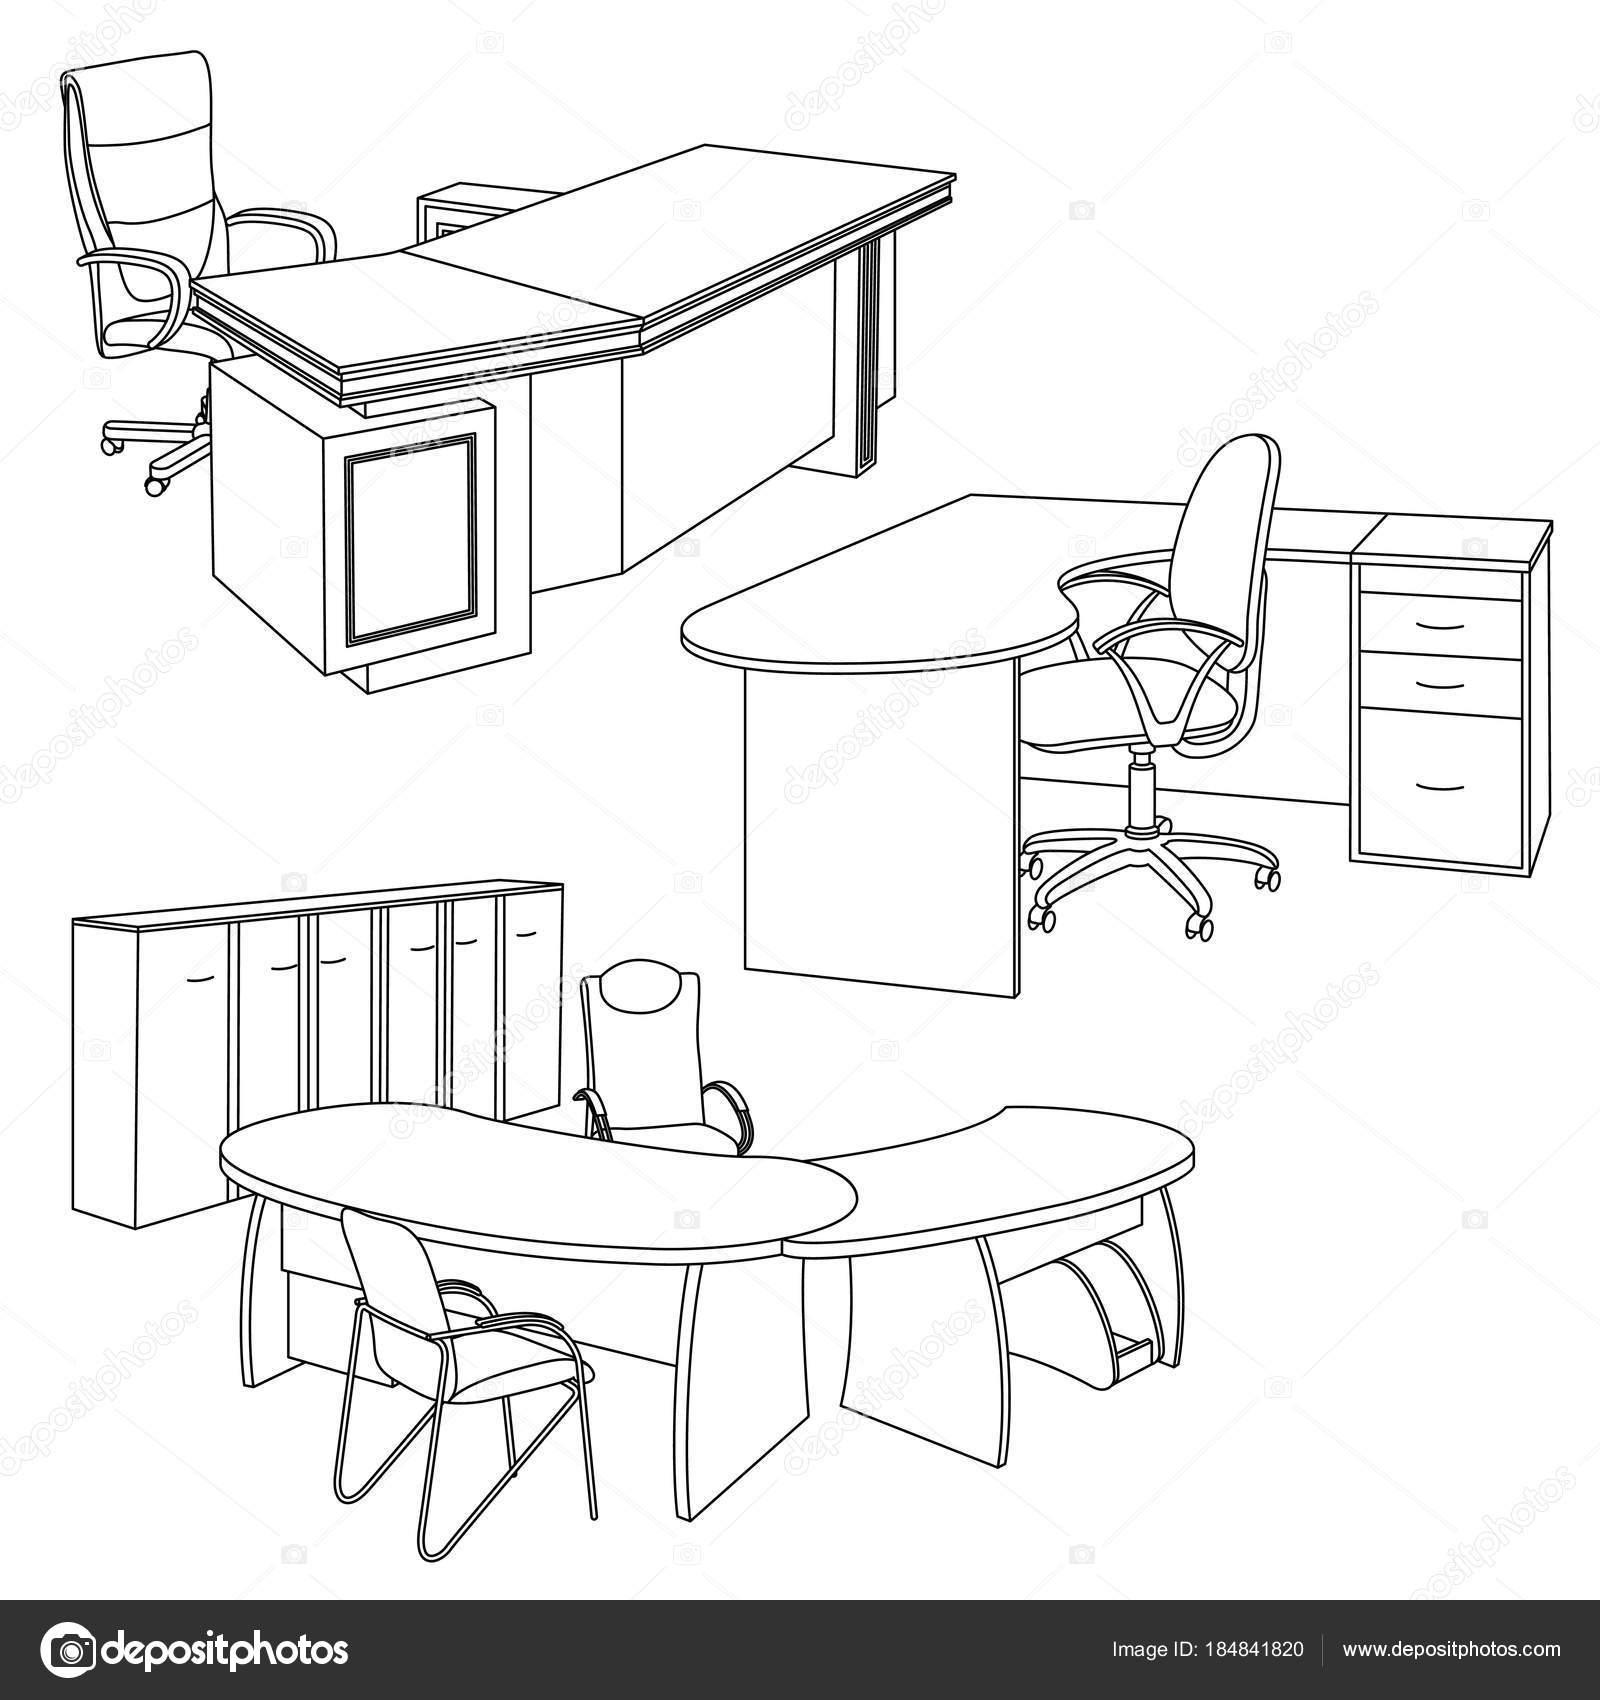 Oficina En Un Estilo De Dibujo Vector De Stock Aristarh 184841820